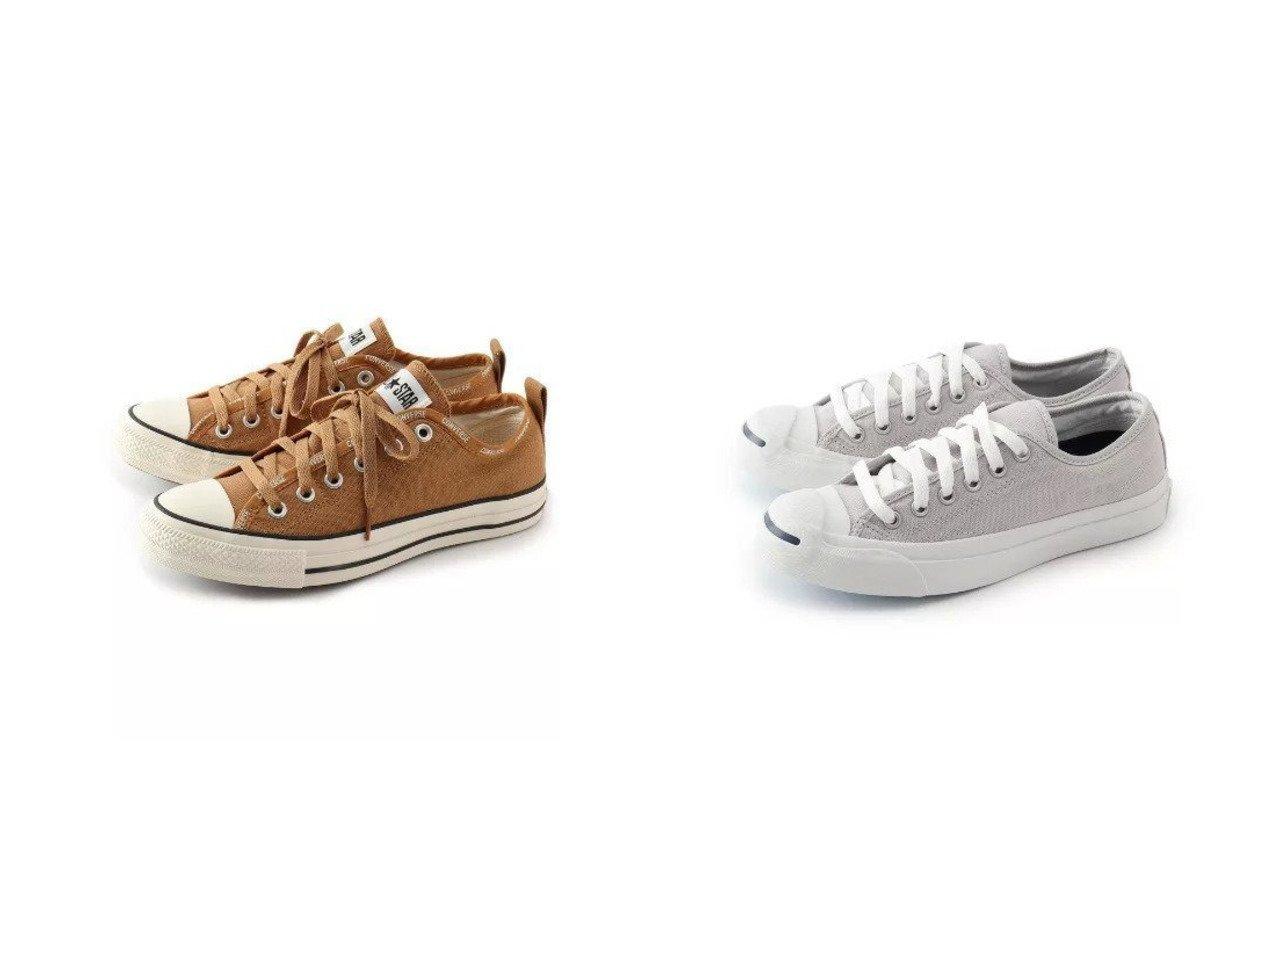 【UNTITLED/アンタイトル】のCONVERSE ALL STAR LOGO-BD SLIP OX&【Dessin/デッサン】のCONVERSE JACK PURCELL 1R193 【シューズ・靴】おすすめ!人気、トレンド・レディースファッションの通販 おすすめで人気の流行・トレンド、ファッションの通販商品 メンズファッション・キッズファッション・インテリア・家具・レディースファッション・服の通販 founy(ファニー) https://founy.com/ ファッション Fashion レディースファッション WOMEN シューズ シンプル スニーカー スリッポン レース インソール スタイリッシュ フラット |ID:crp329100000028467